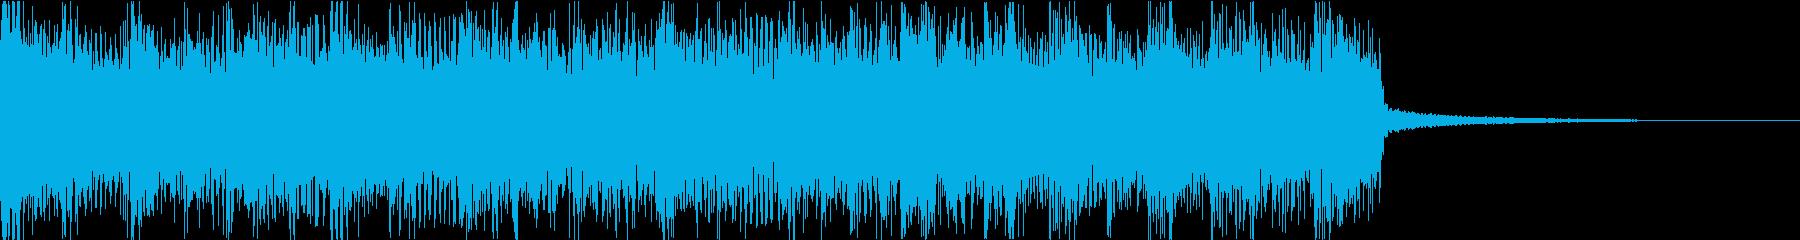 激しいゴリゴリロック♪バトル♪ジングル3の再生済みの波形